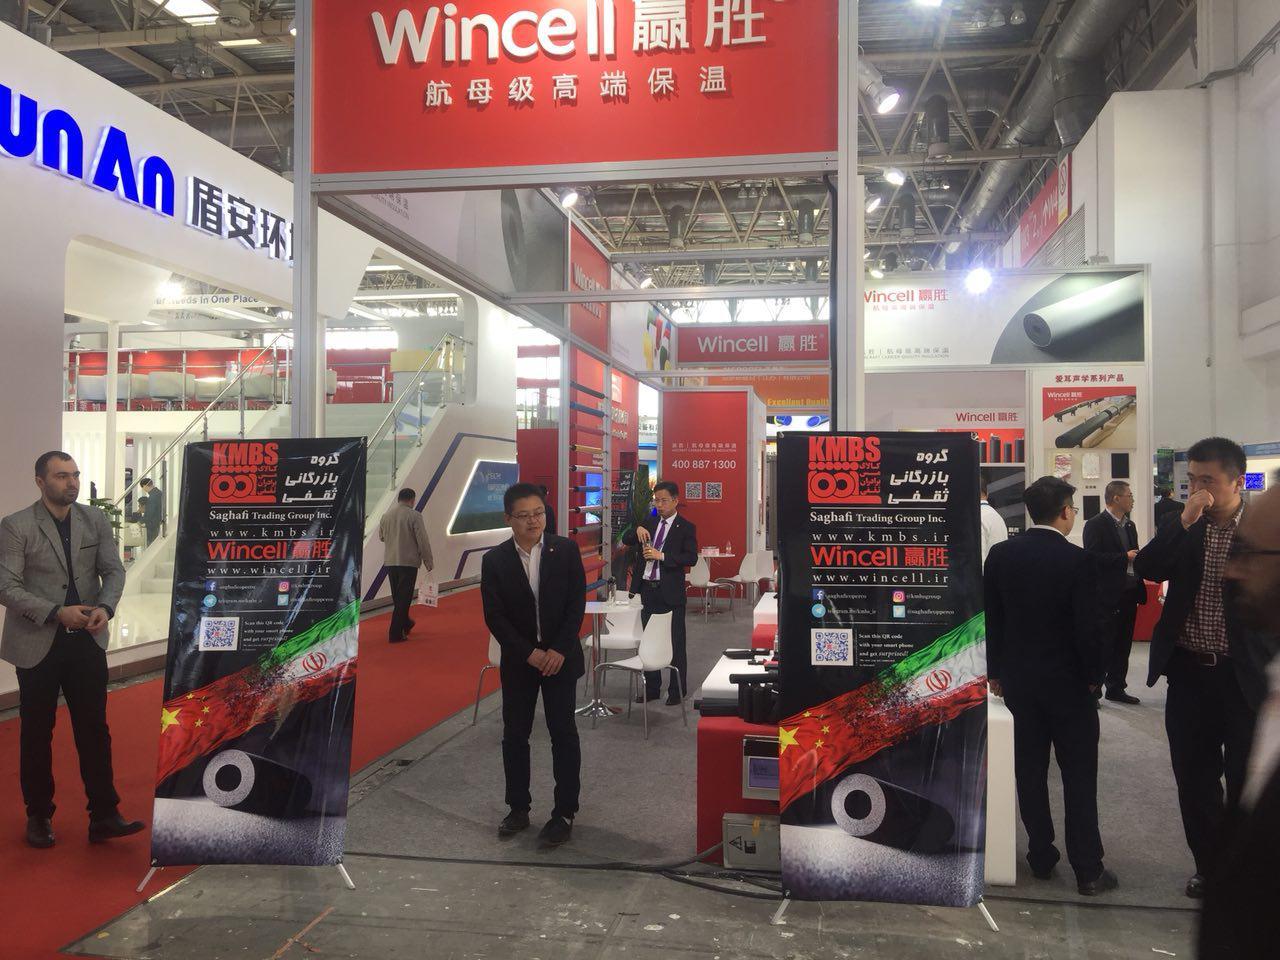 نمایشگاه بینالمللی صنعت برق تهران